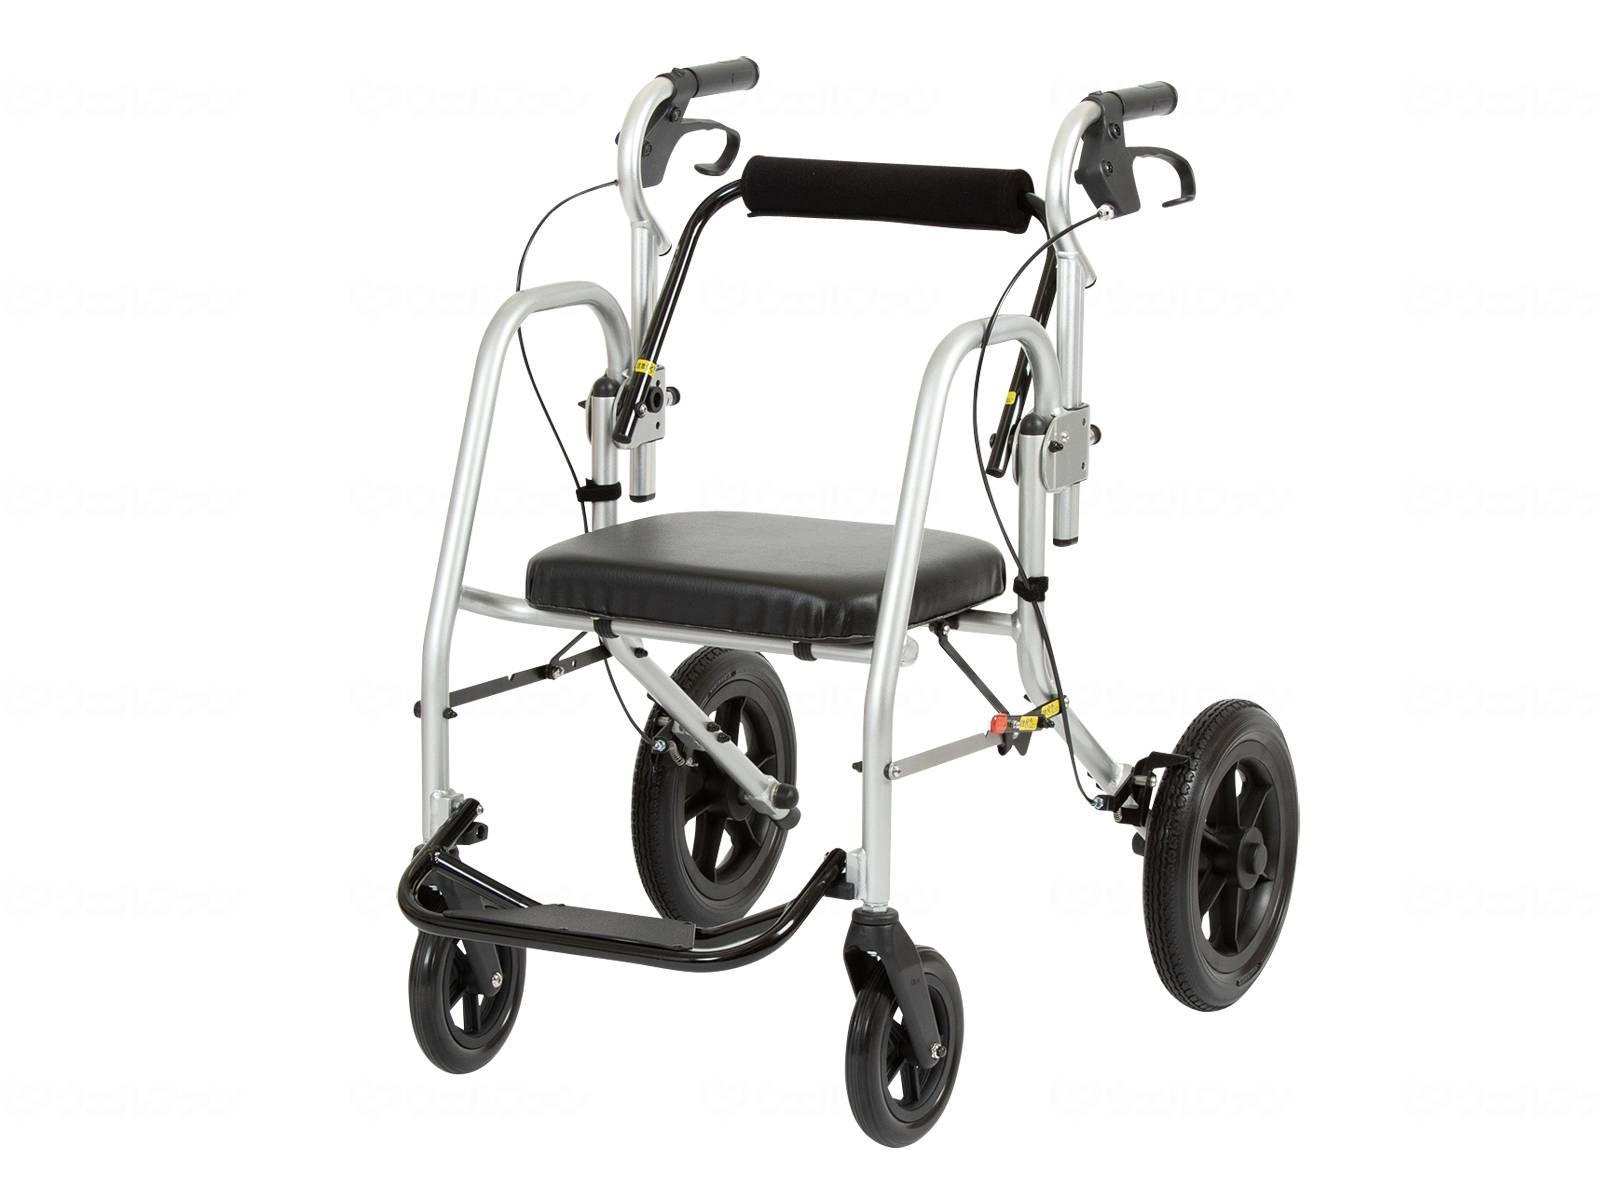 次世代歩行車 neo-NOPPO(ネオ・のっぽ)の画像